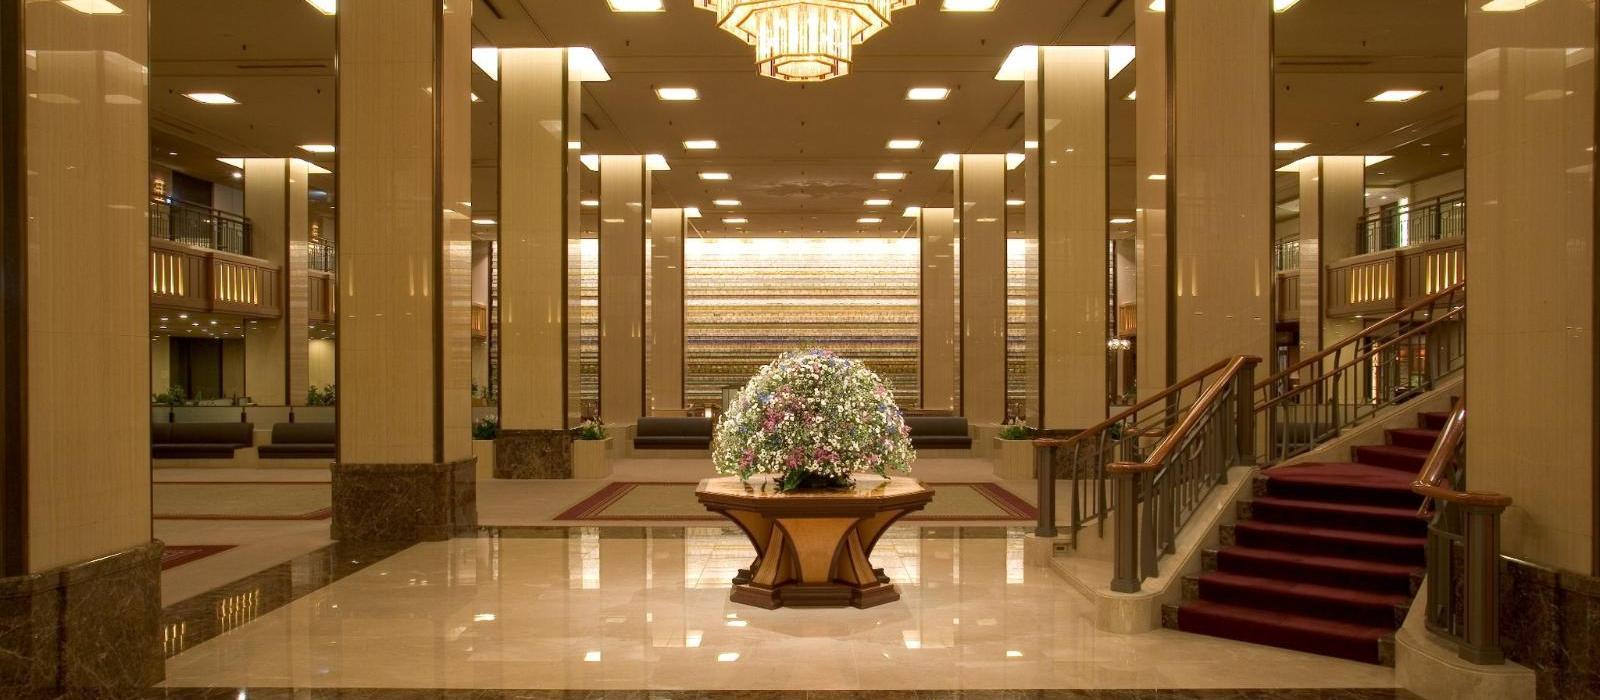 东京帝国酒店(Imperial Hotel, Tokyo) 大堂图片  www.lhw.cn